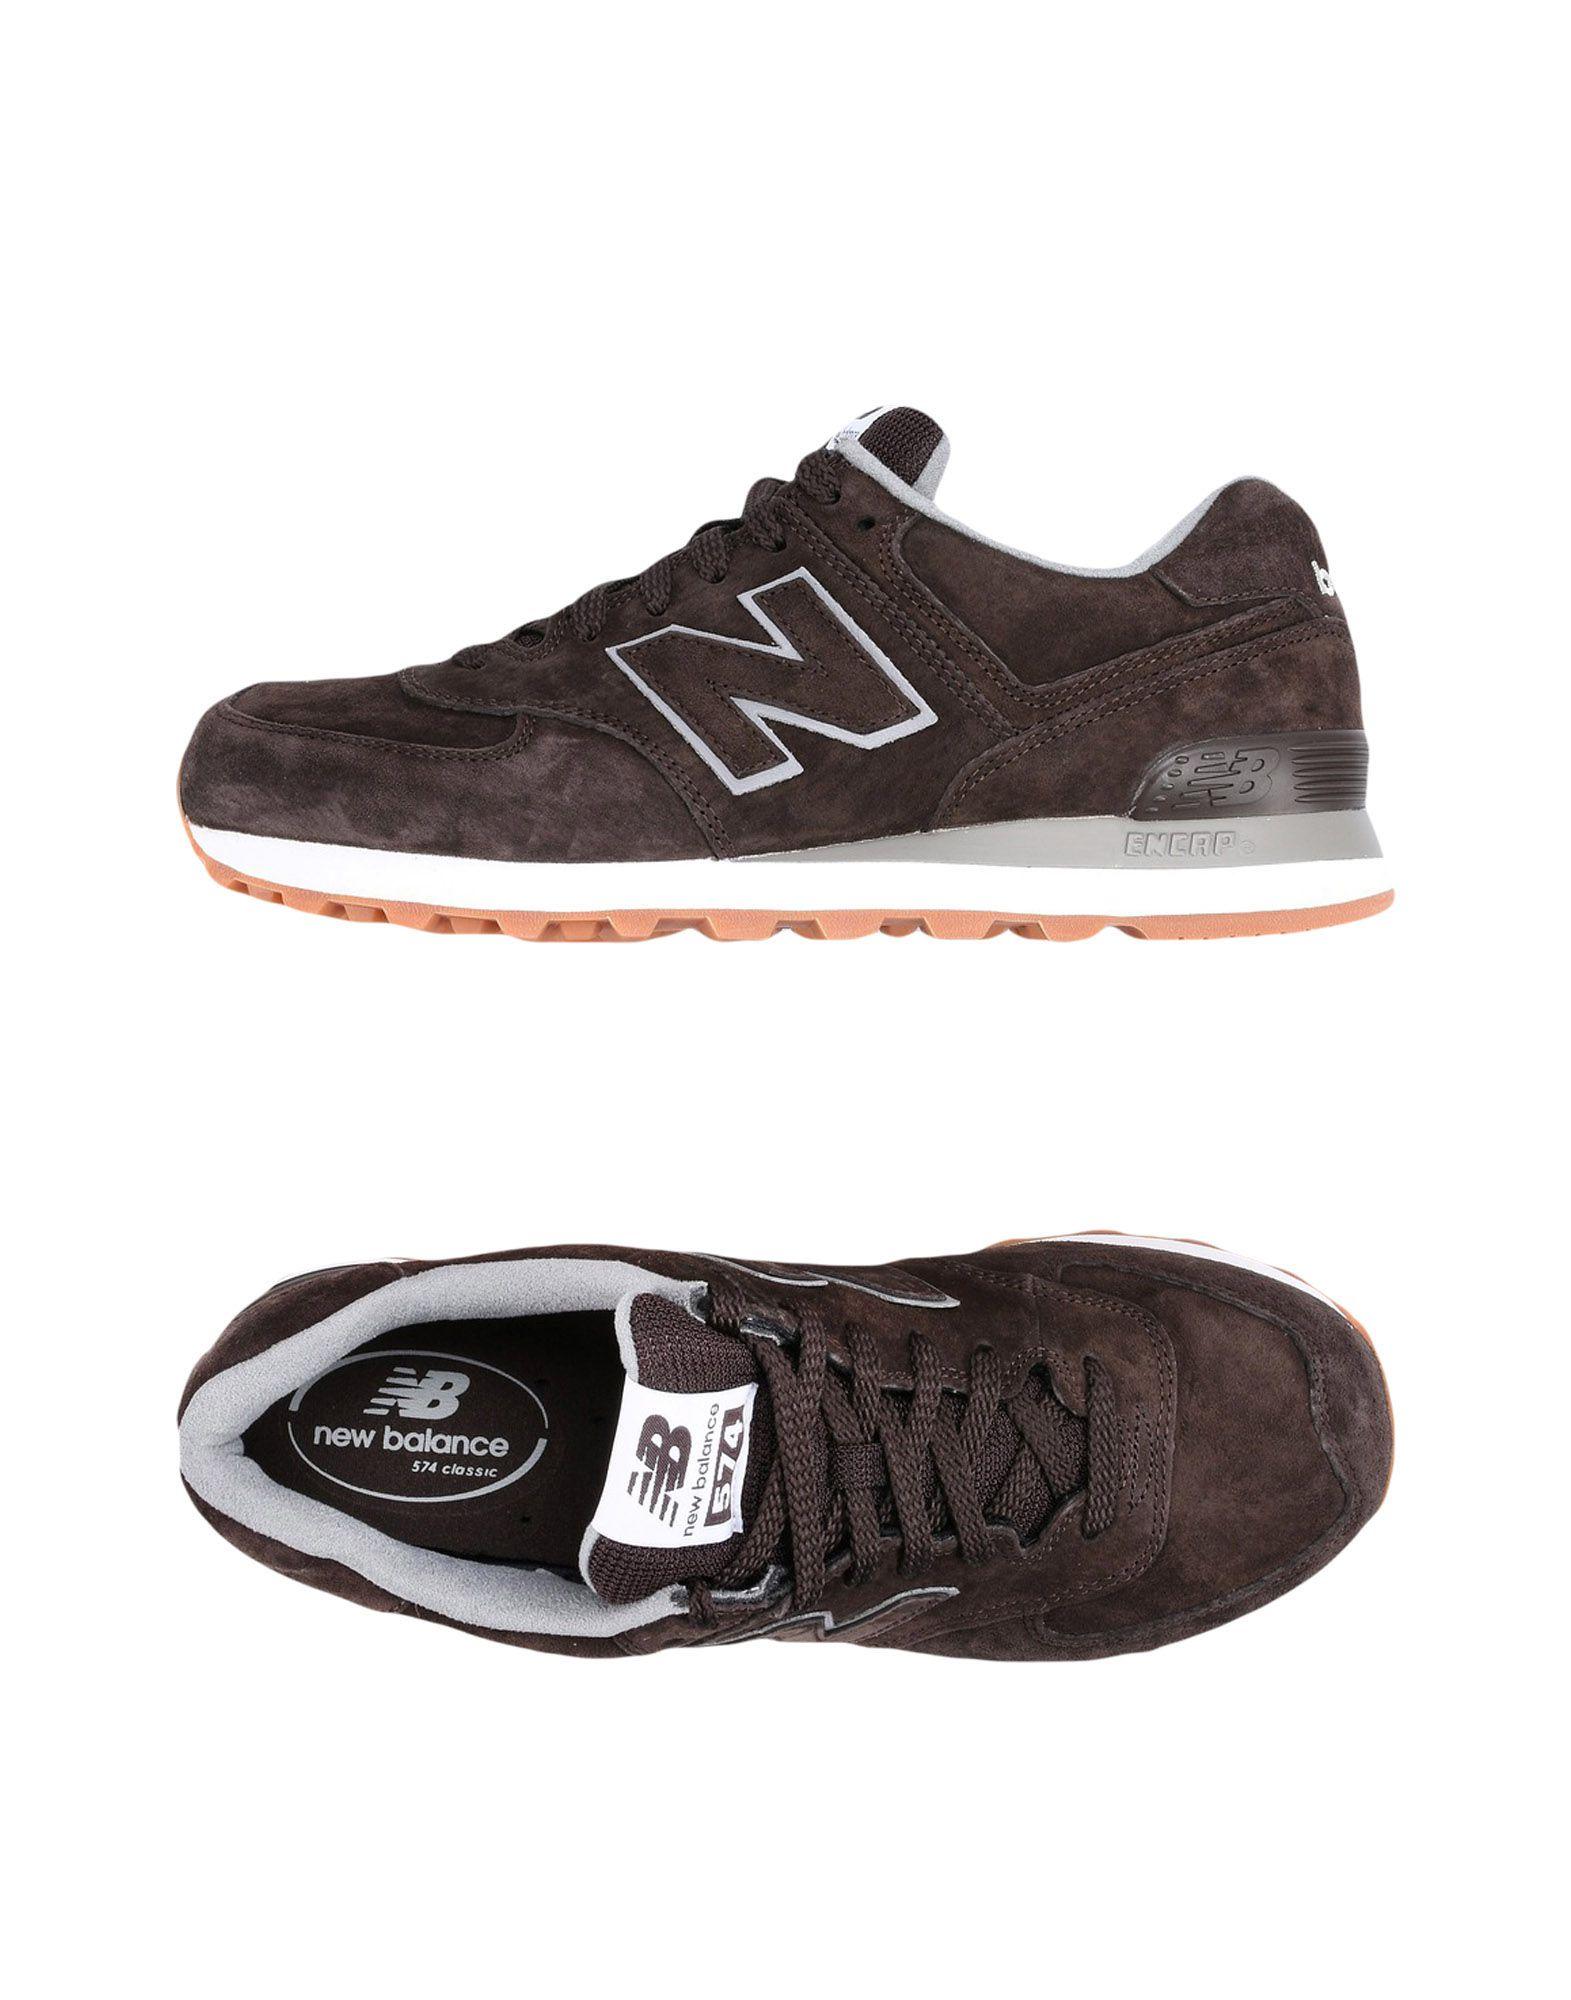 NEW BALANCE Низкие кеды и кроссовки кроссовки мужские new balance 574 цвет синий ml574ess d размер 10 43